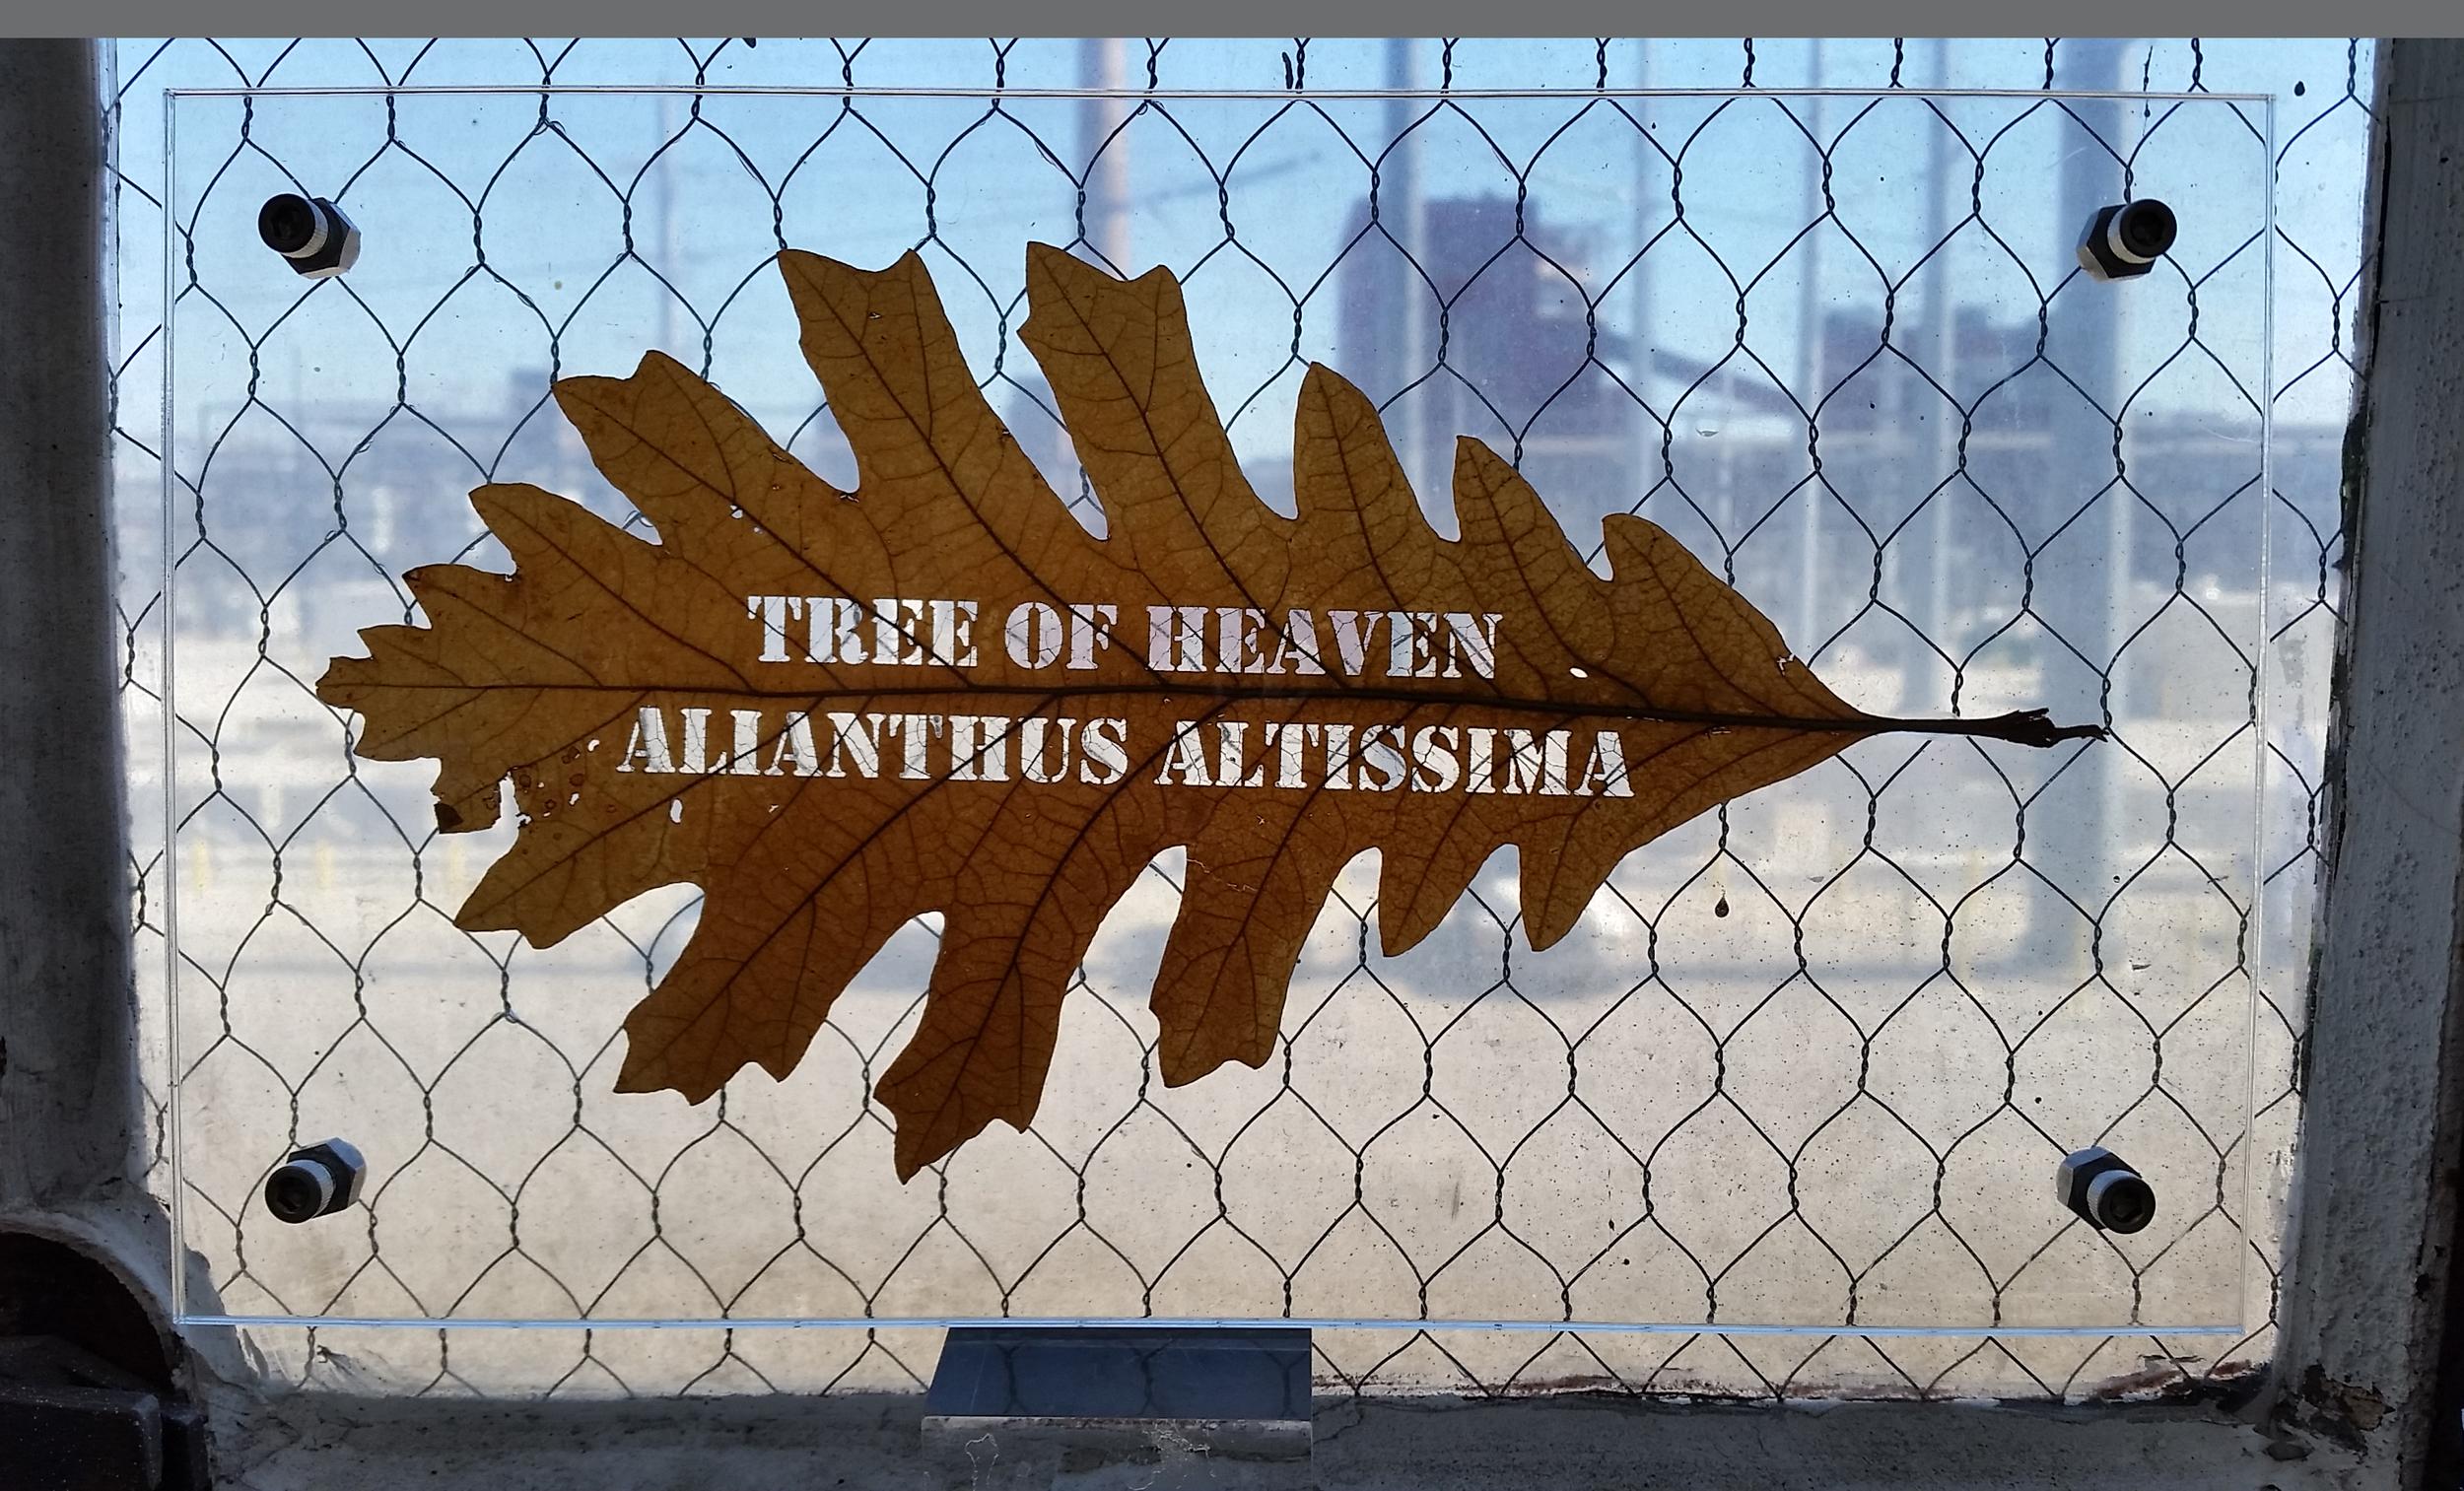 alianthus_altissima.jpg